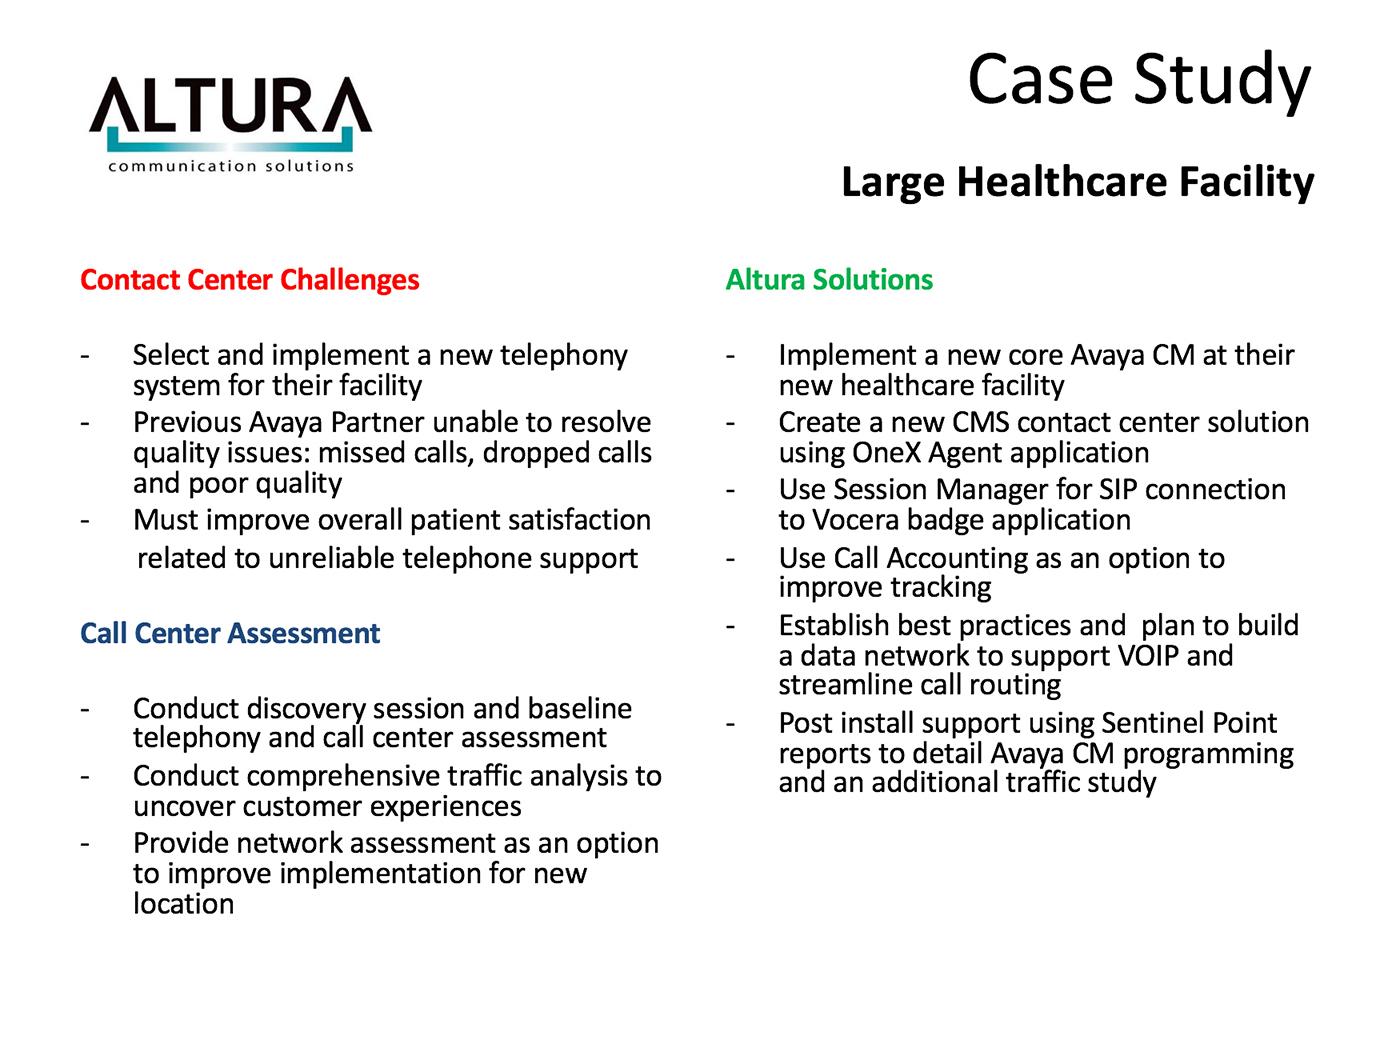 Call Center Assessment Offers